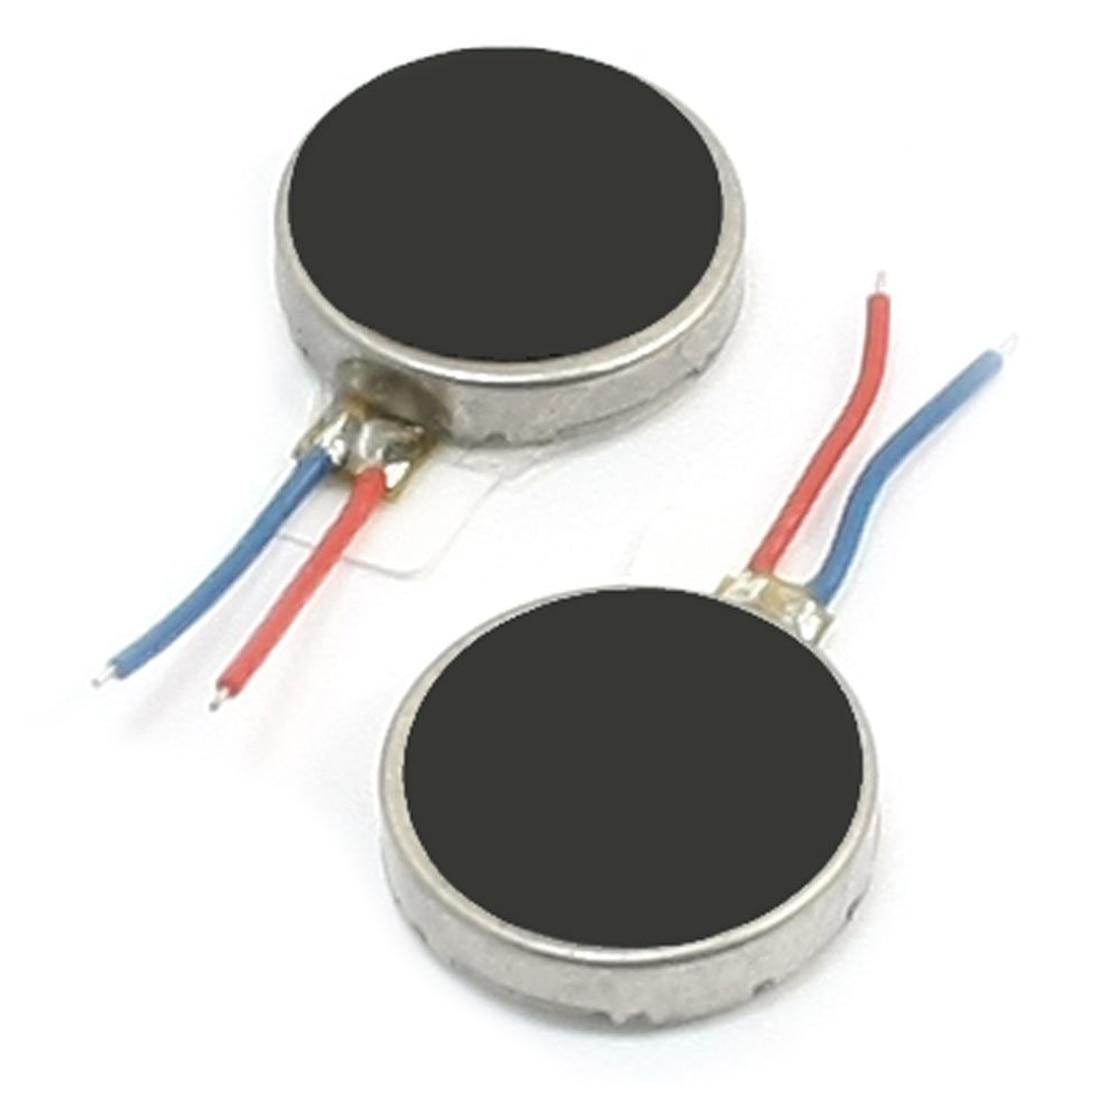 2 шт. 10 мм x 2.5 мм диск Форма Вибрационный вибрации Двигатель для сотового телефона